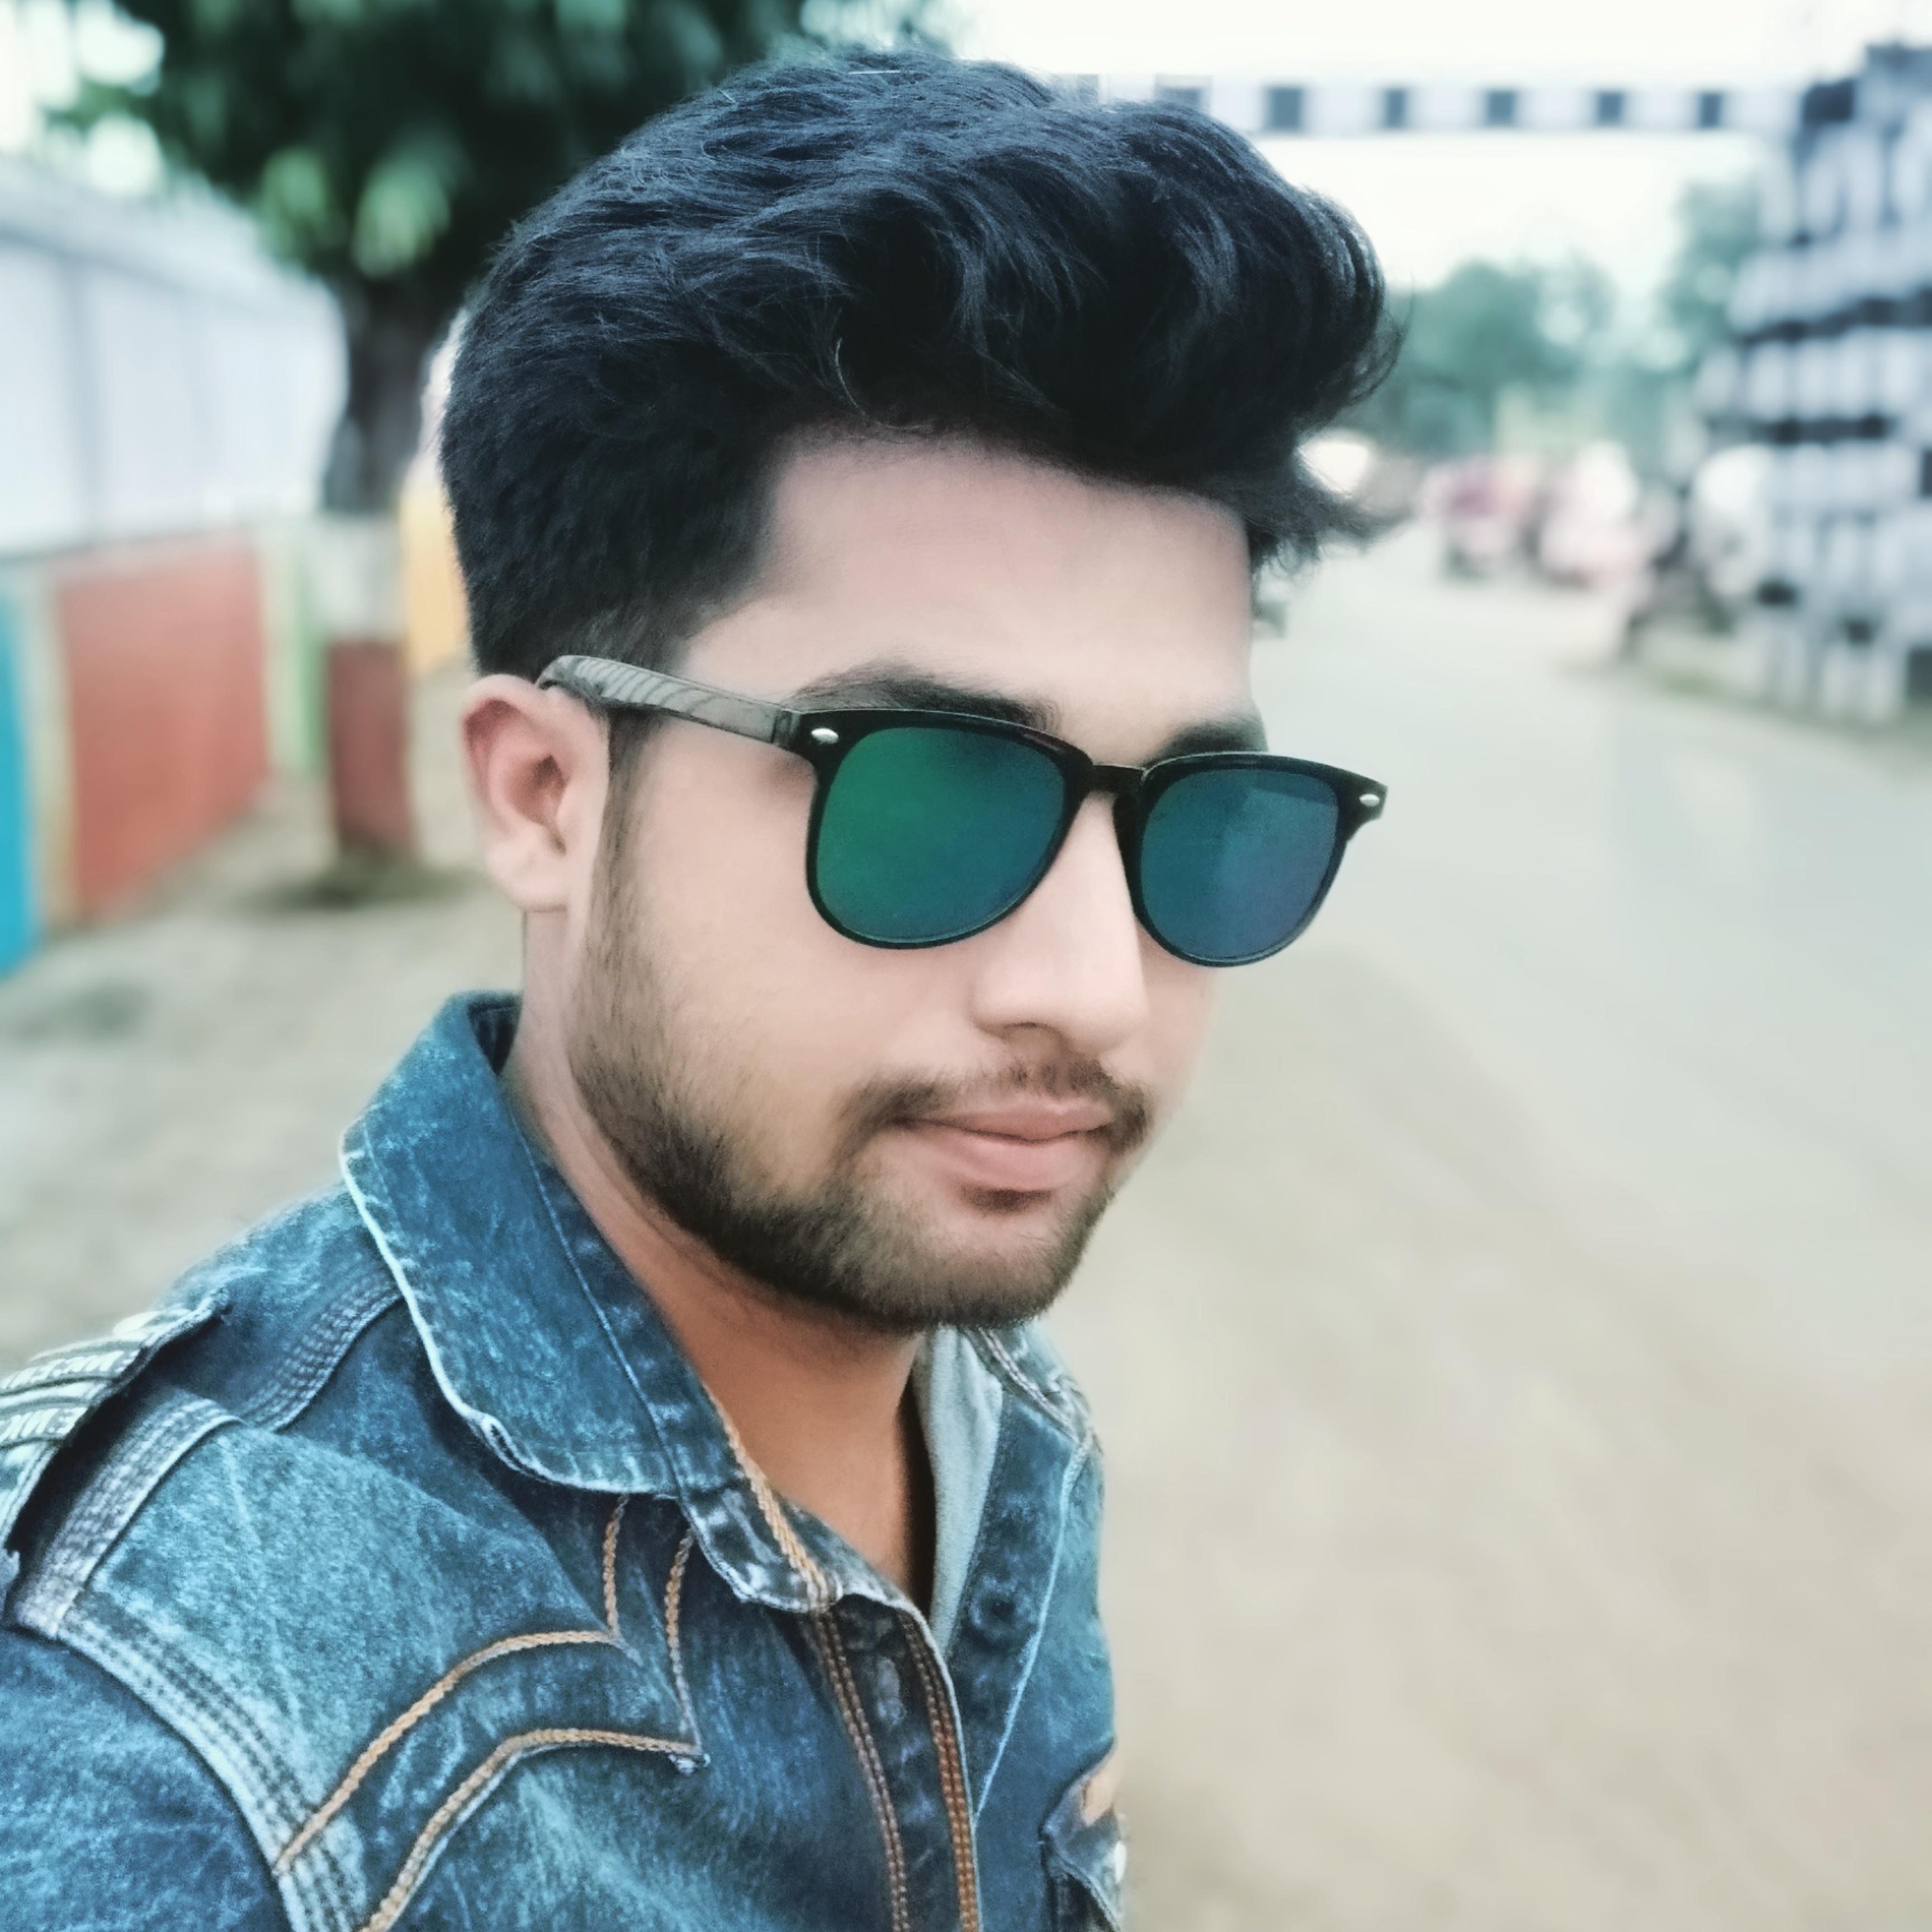 Nihal vishwakarma